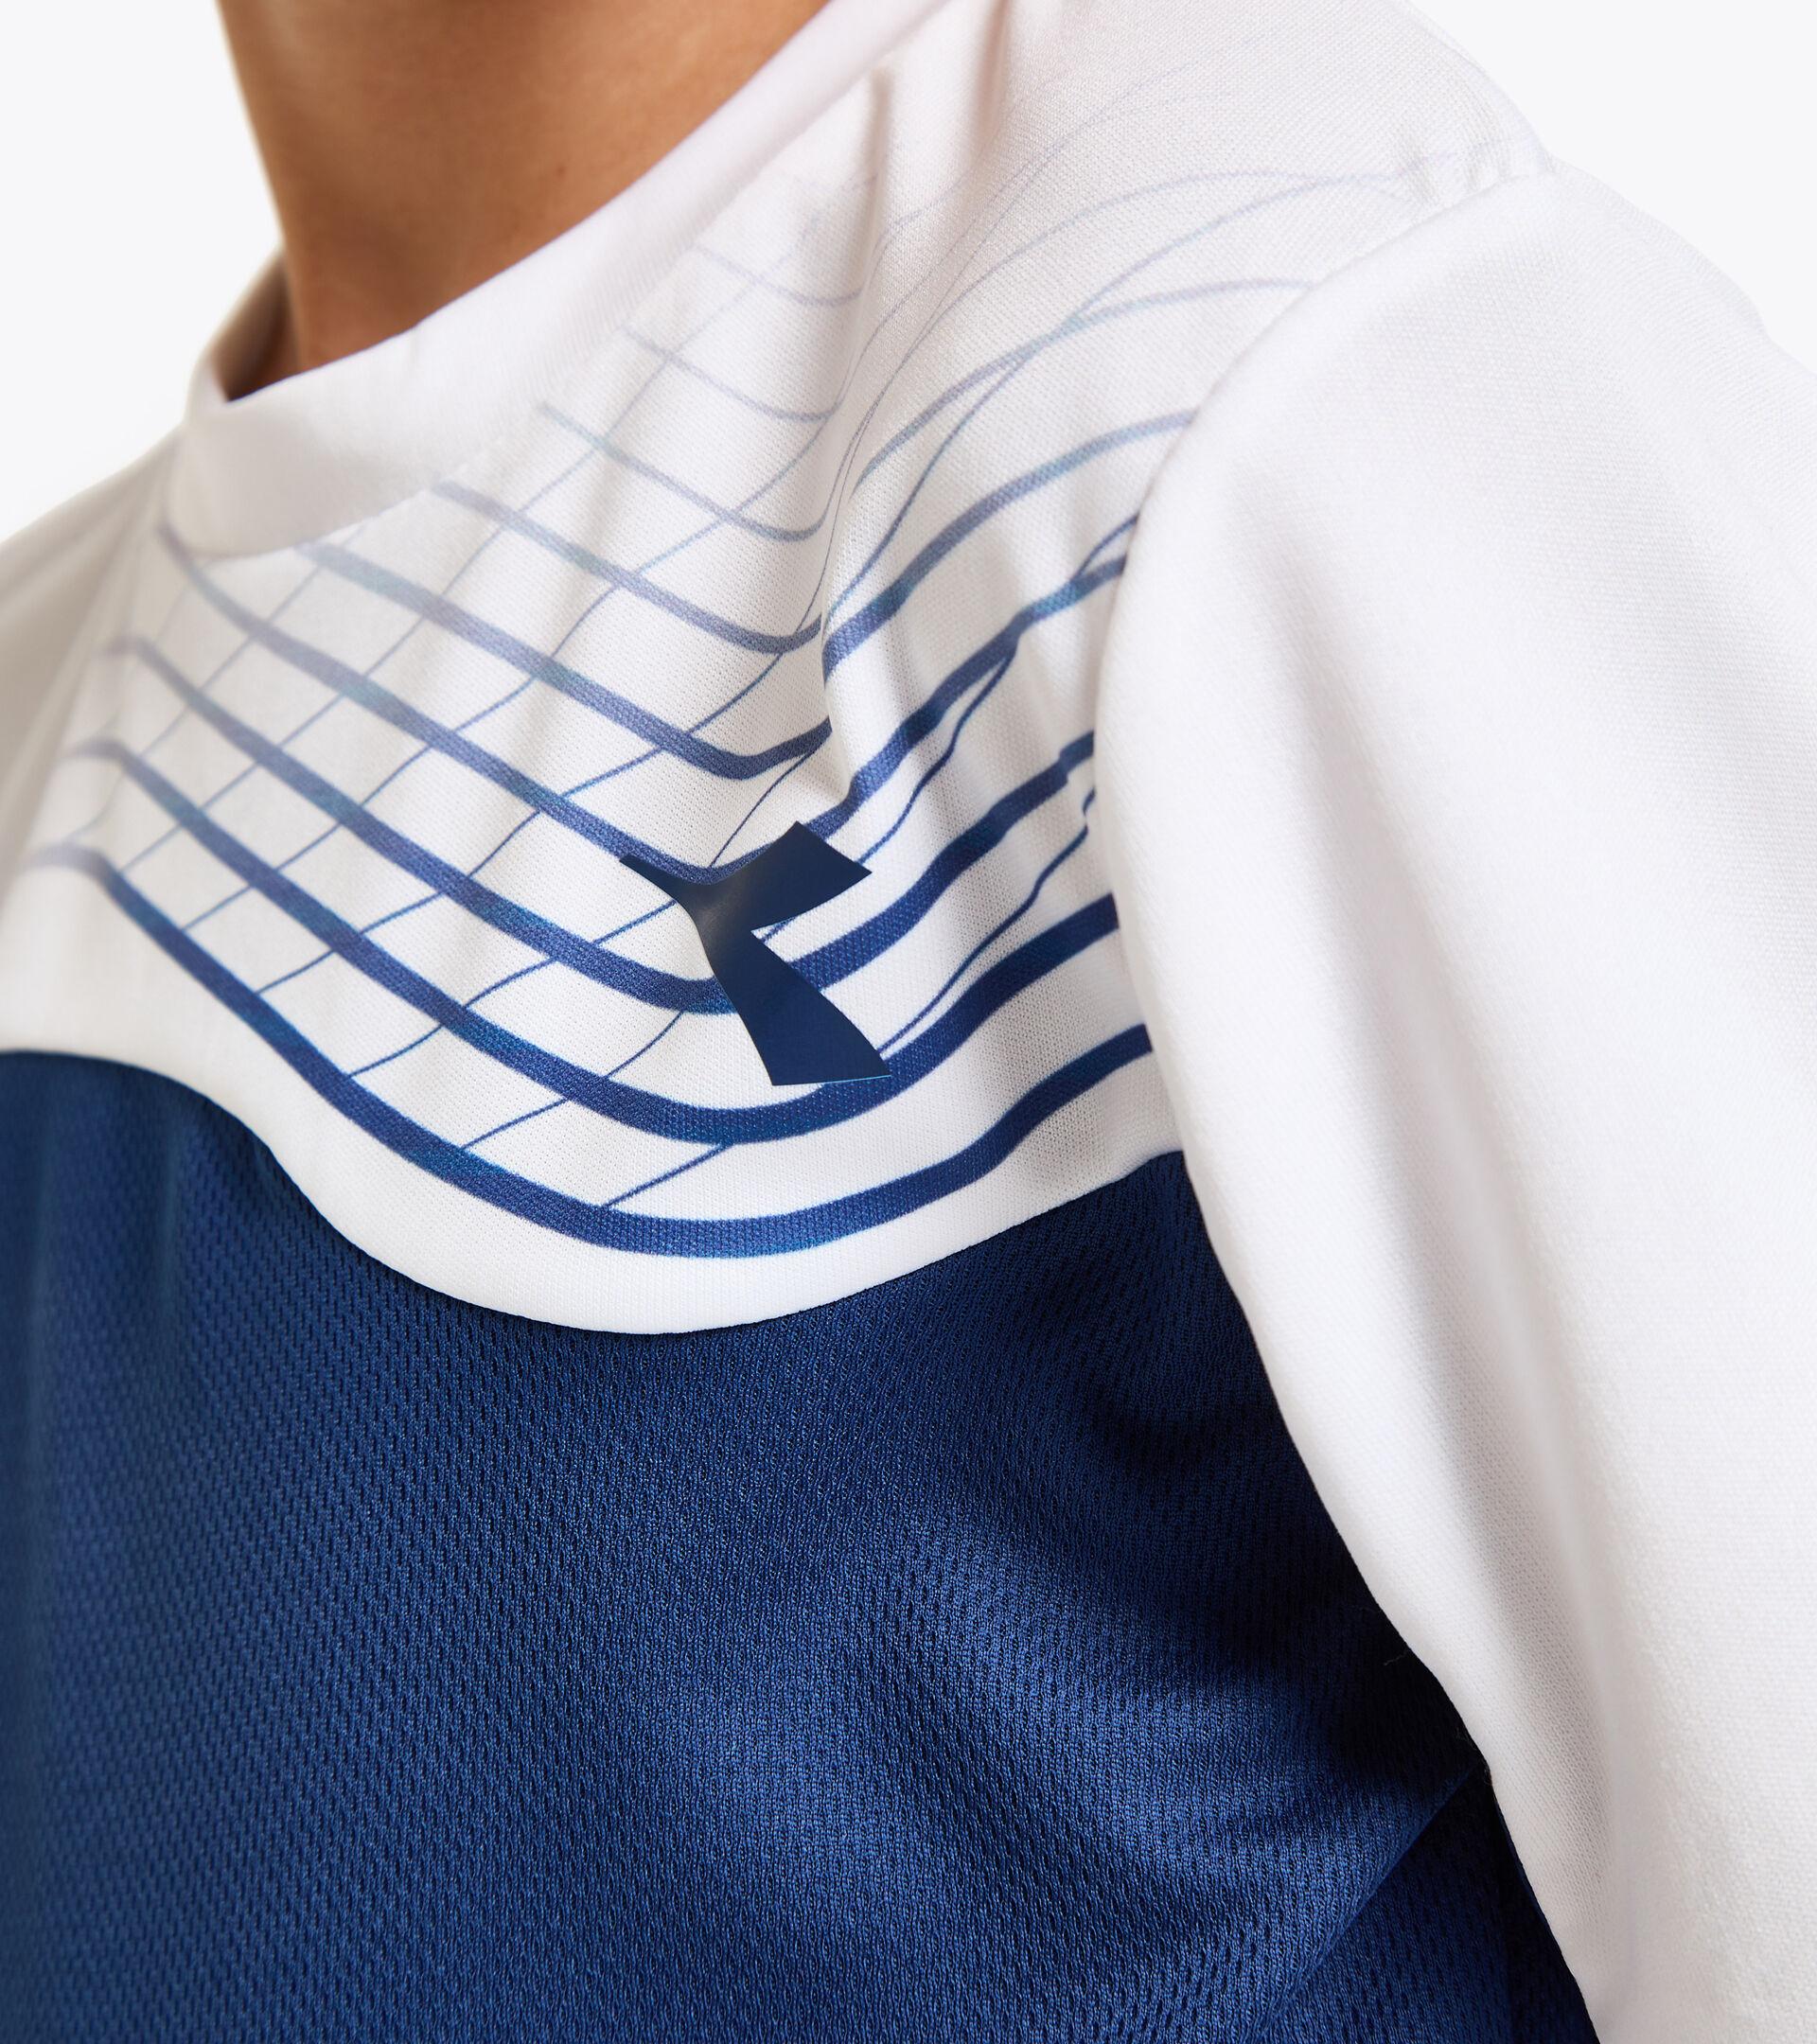 Apparel Sport BAMBINO J. T-SHIRT COURT SALTIRE NAVY Diadora